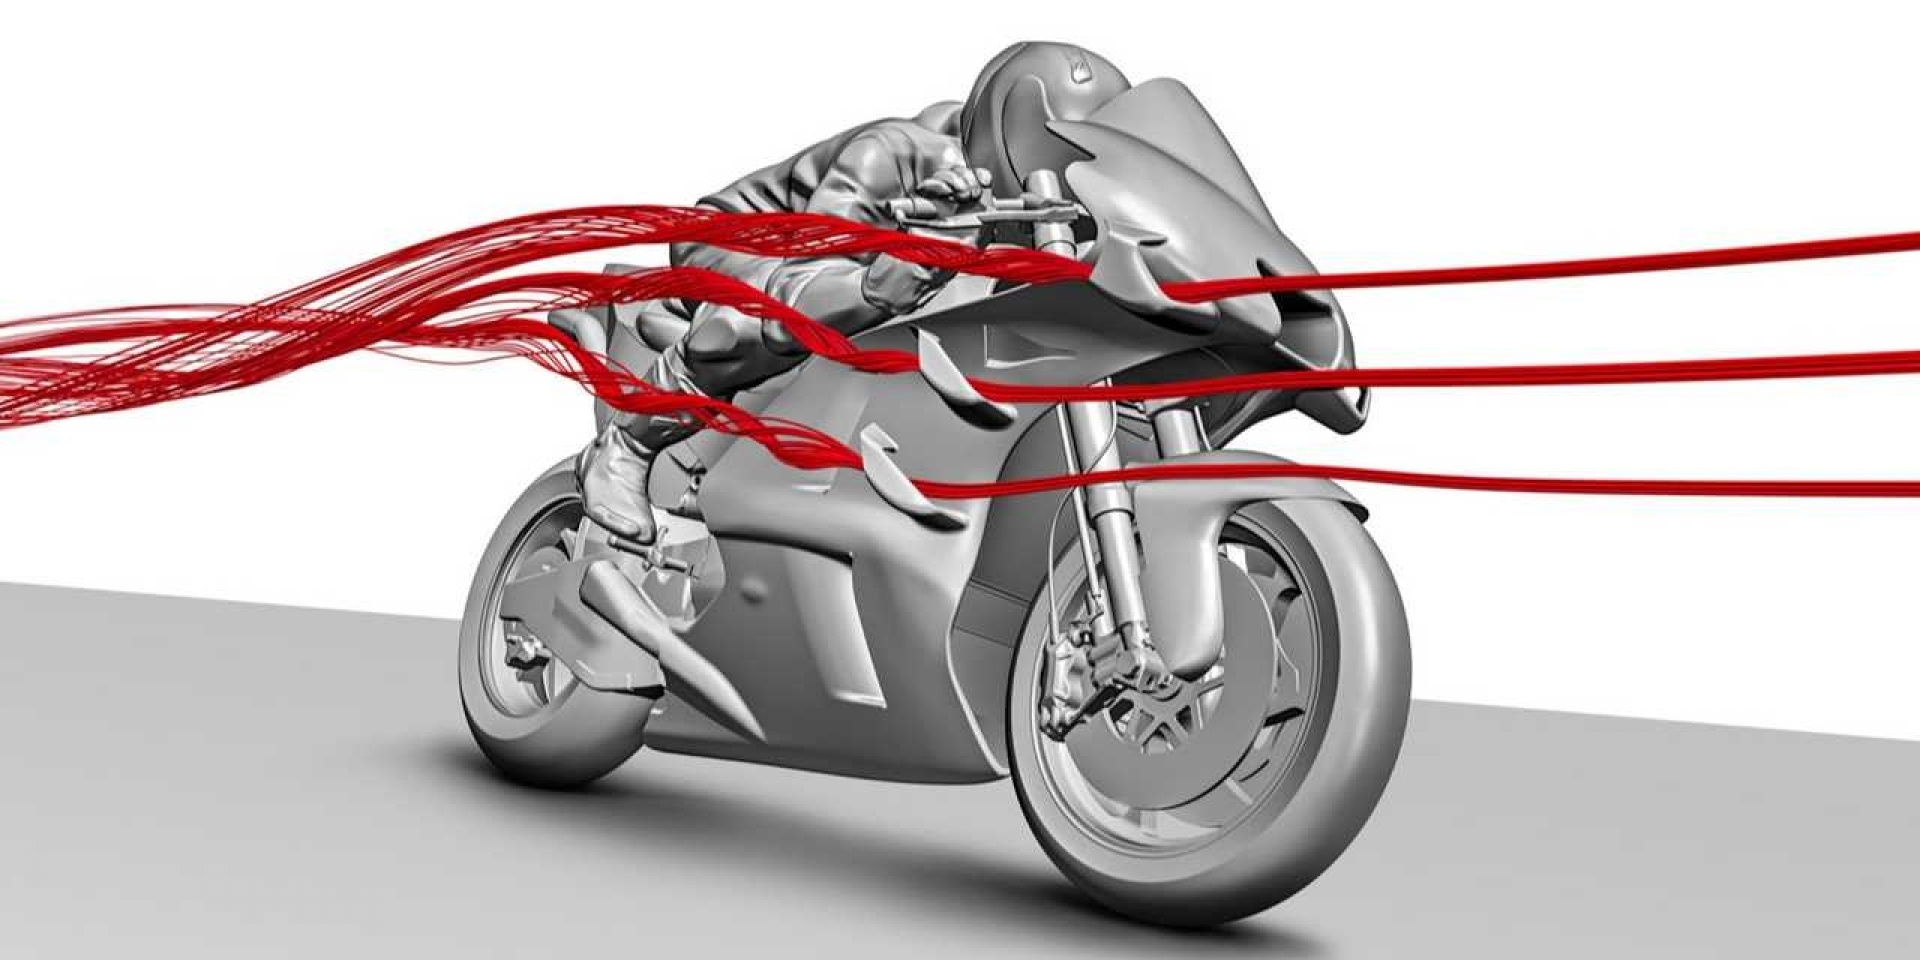 空力戰爭延伸到市售車款,Ducati開啟第一槍!